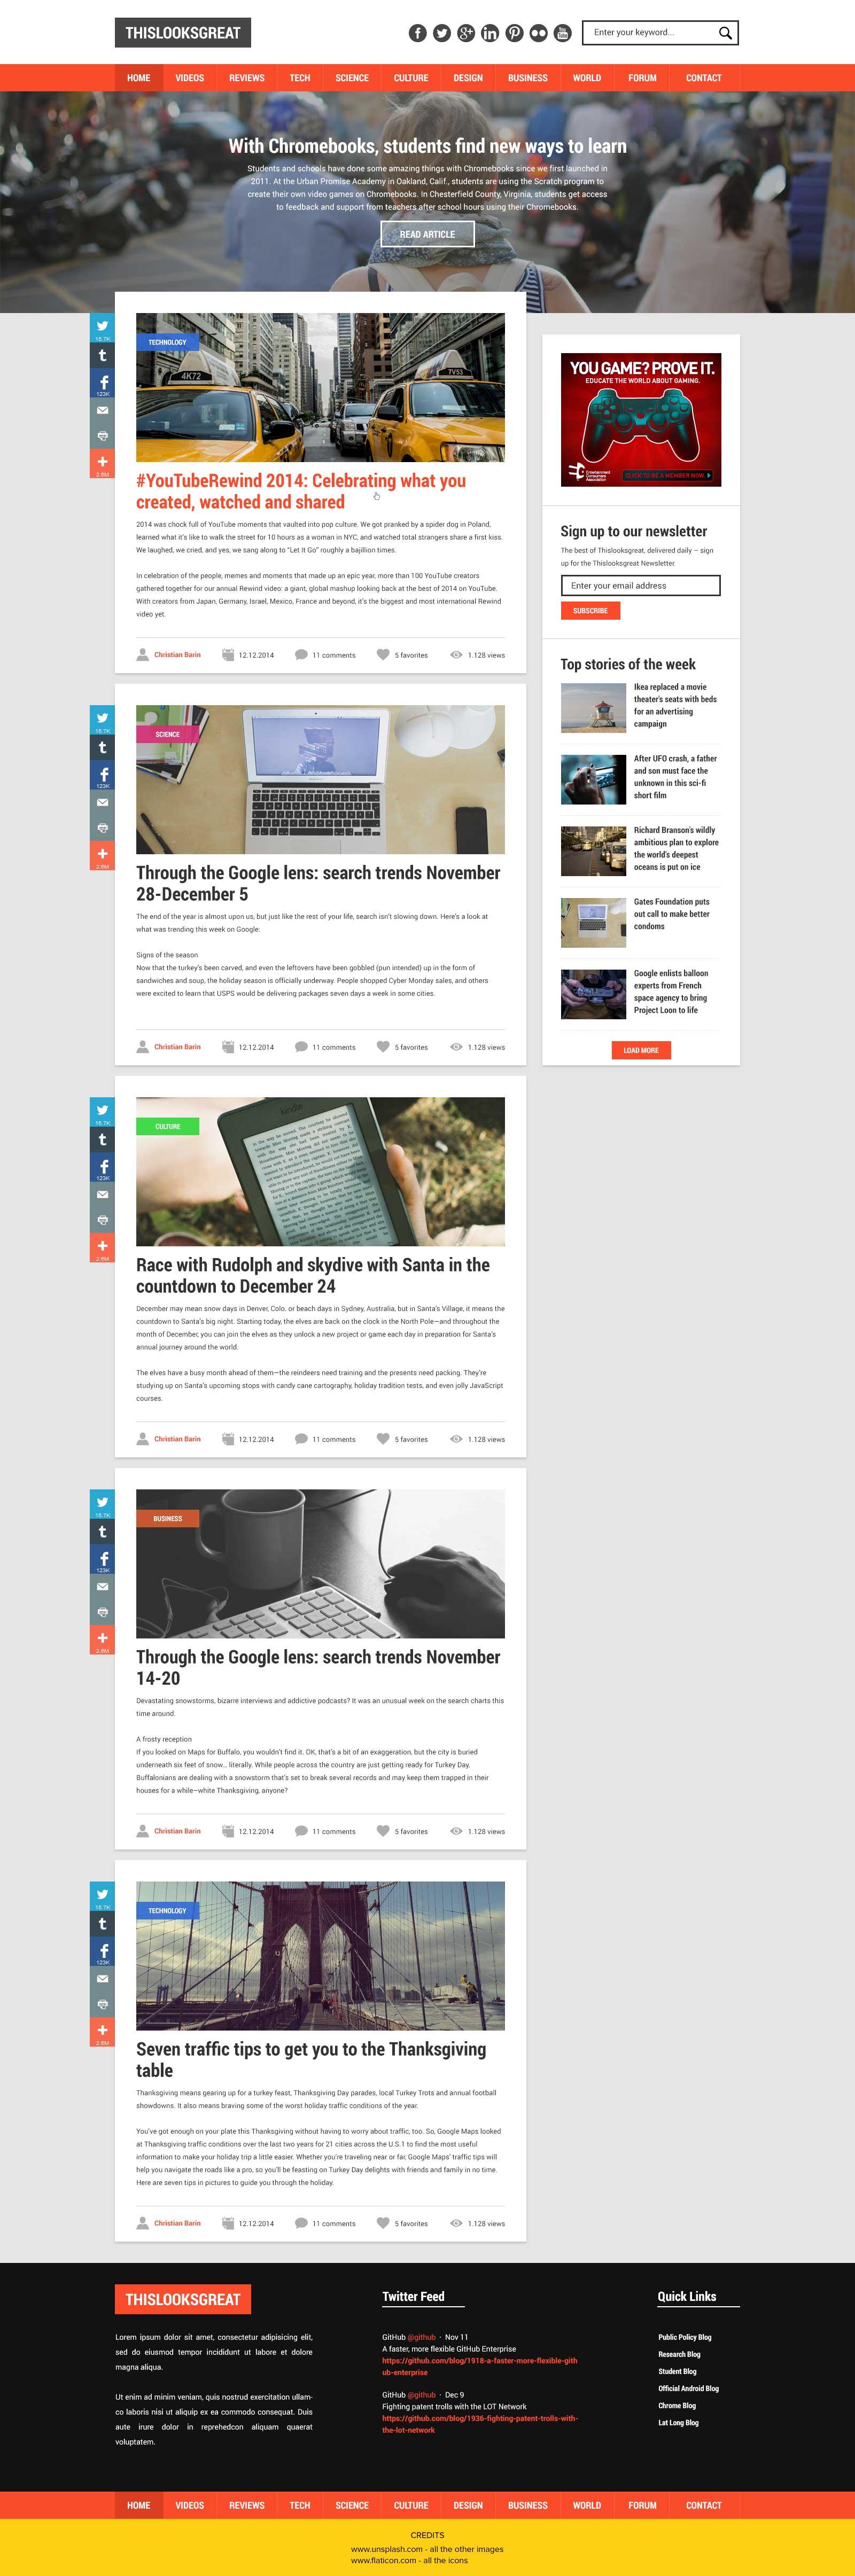 Tech News Website Design